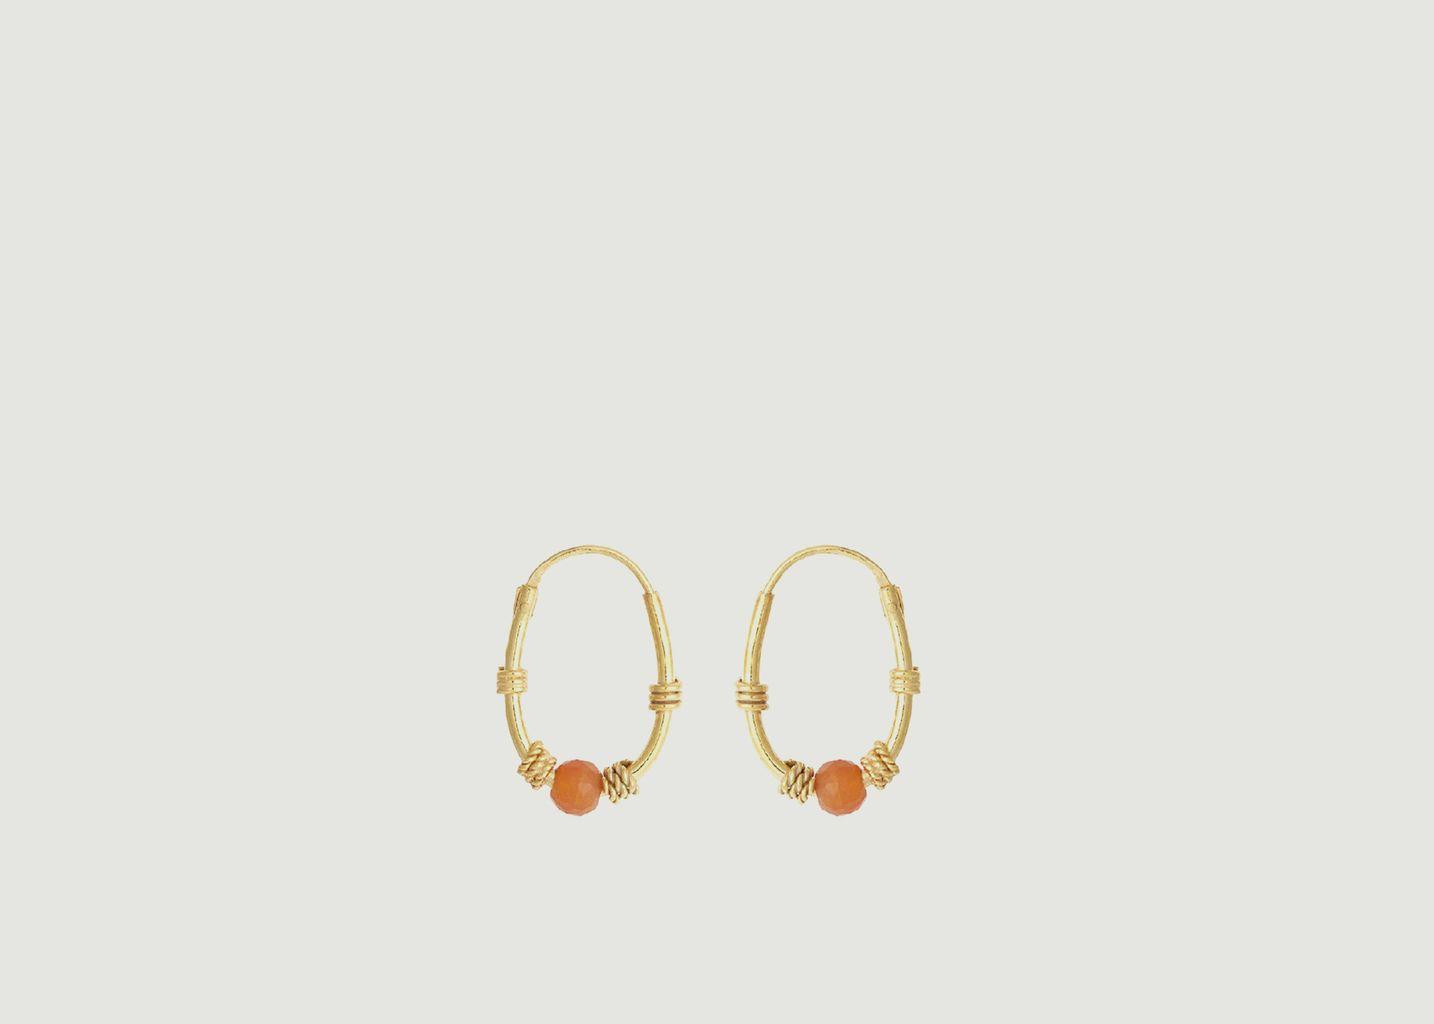 Boucles d'oreilles Zinc - Soeur